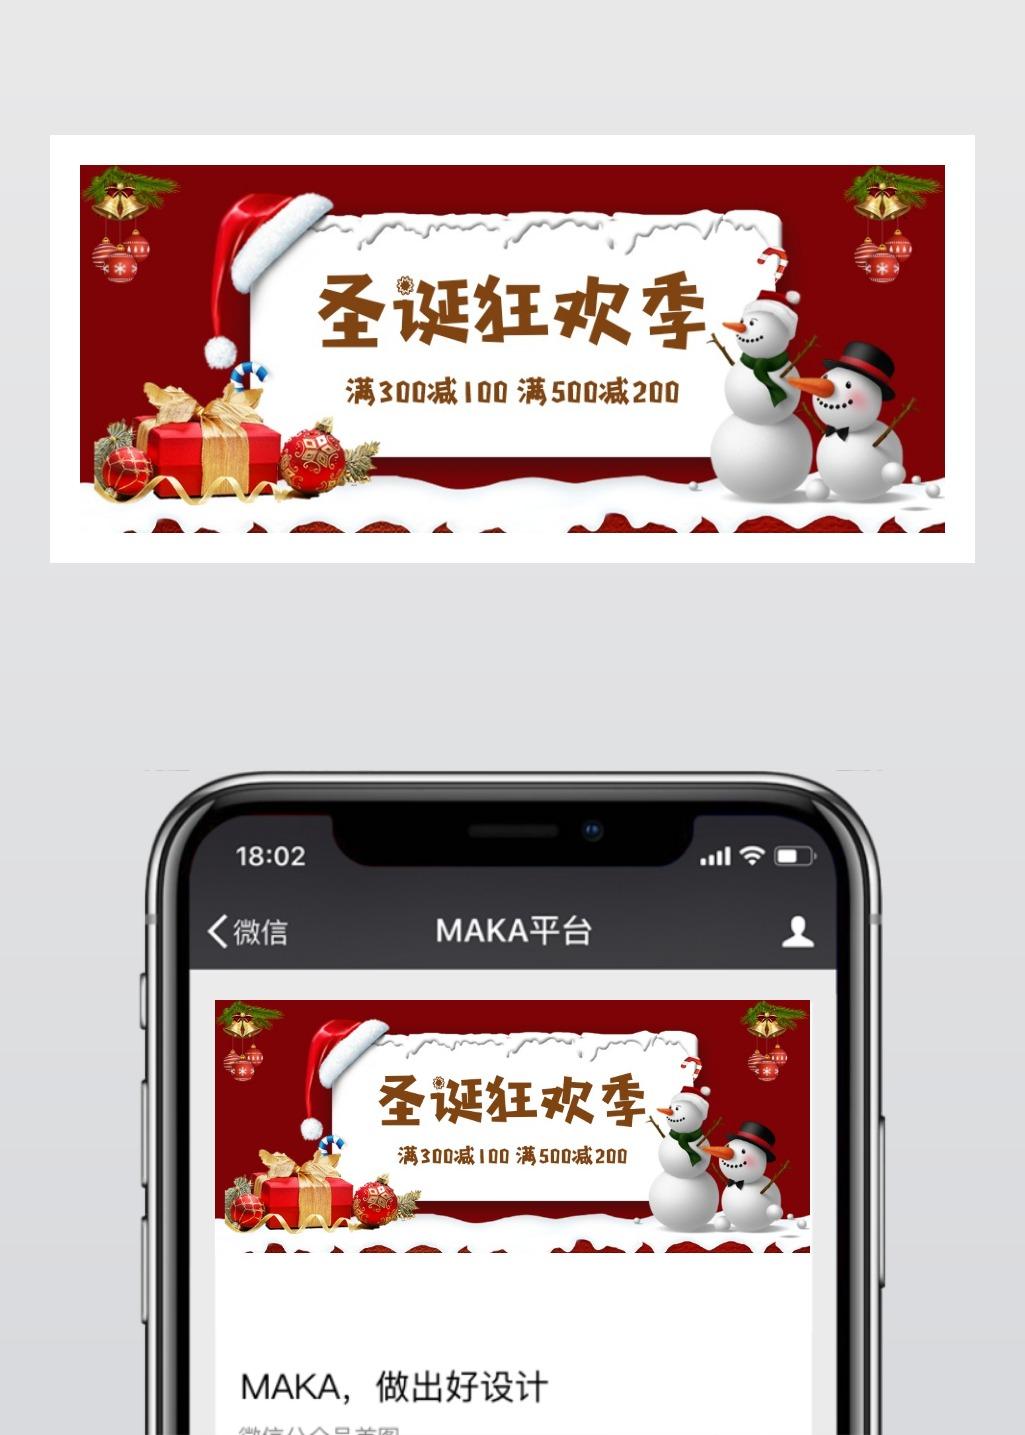 公众号封面头图 圣诞节促销 清新文艺 综合电商